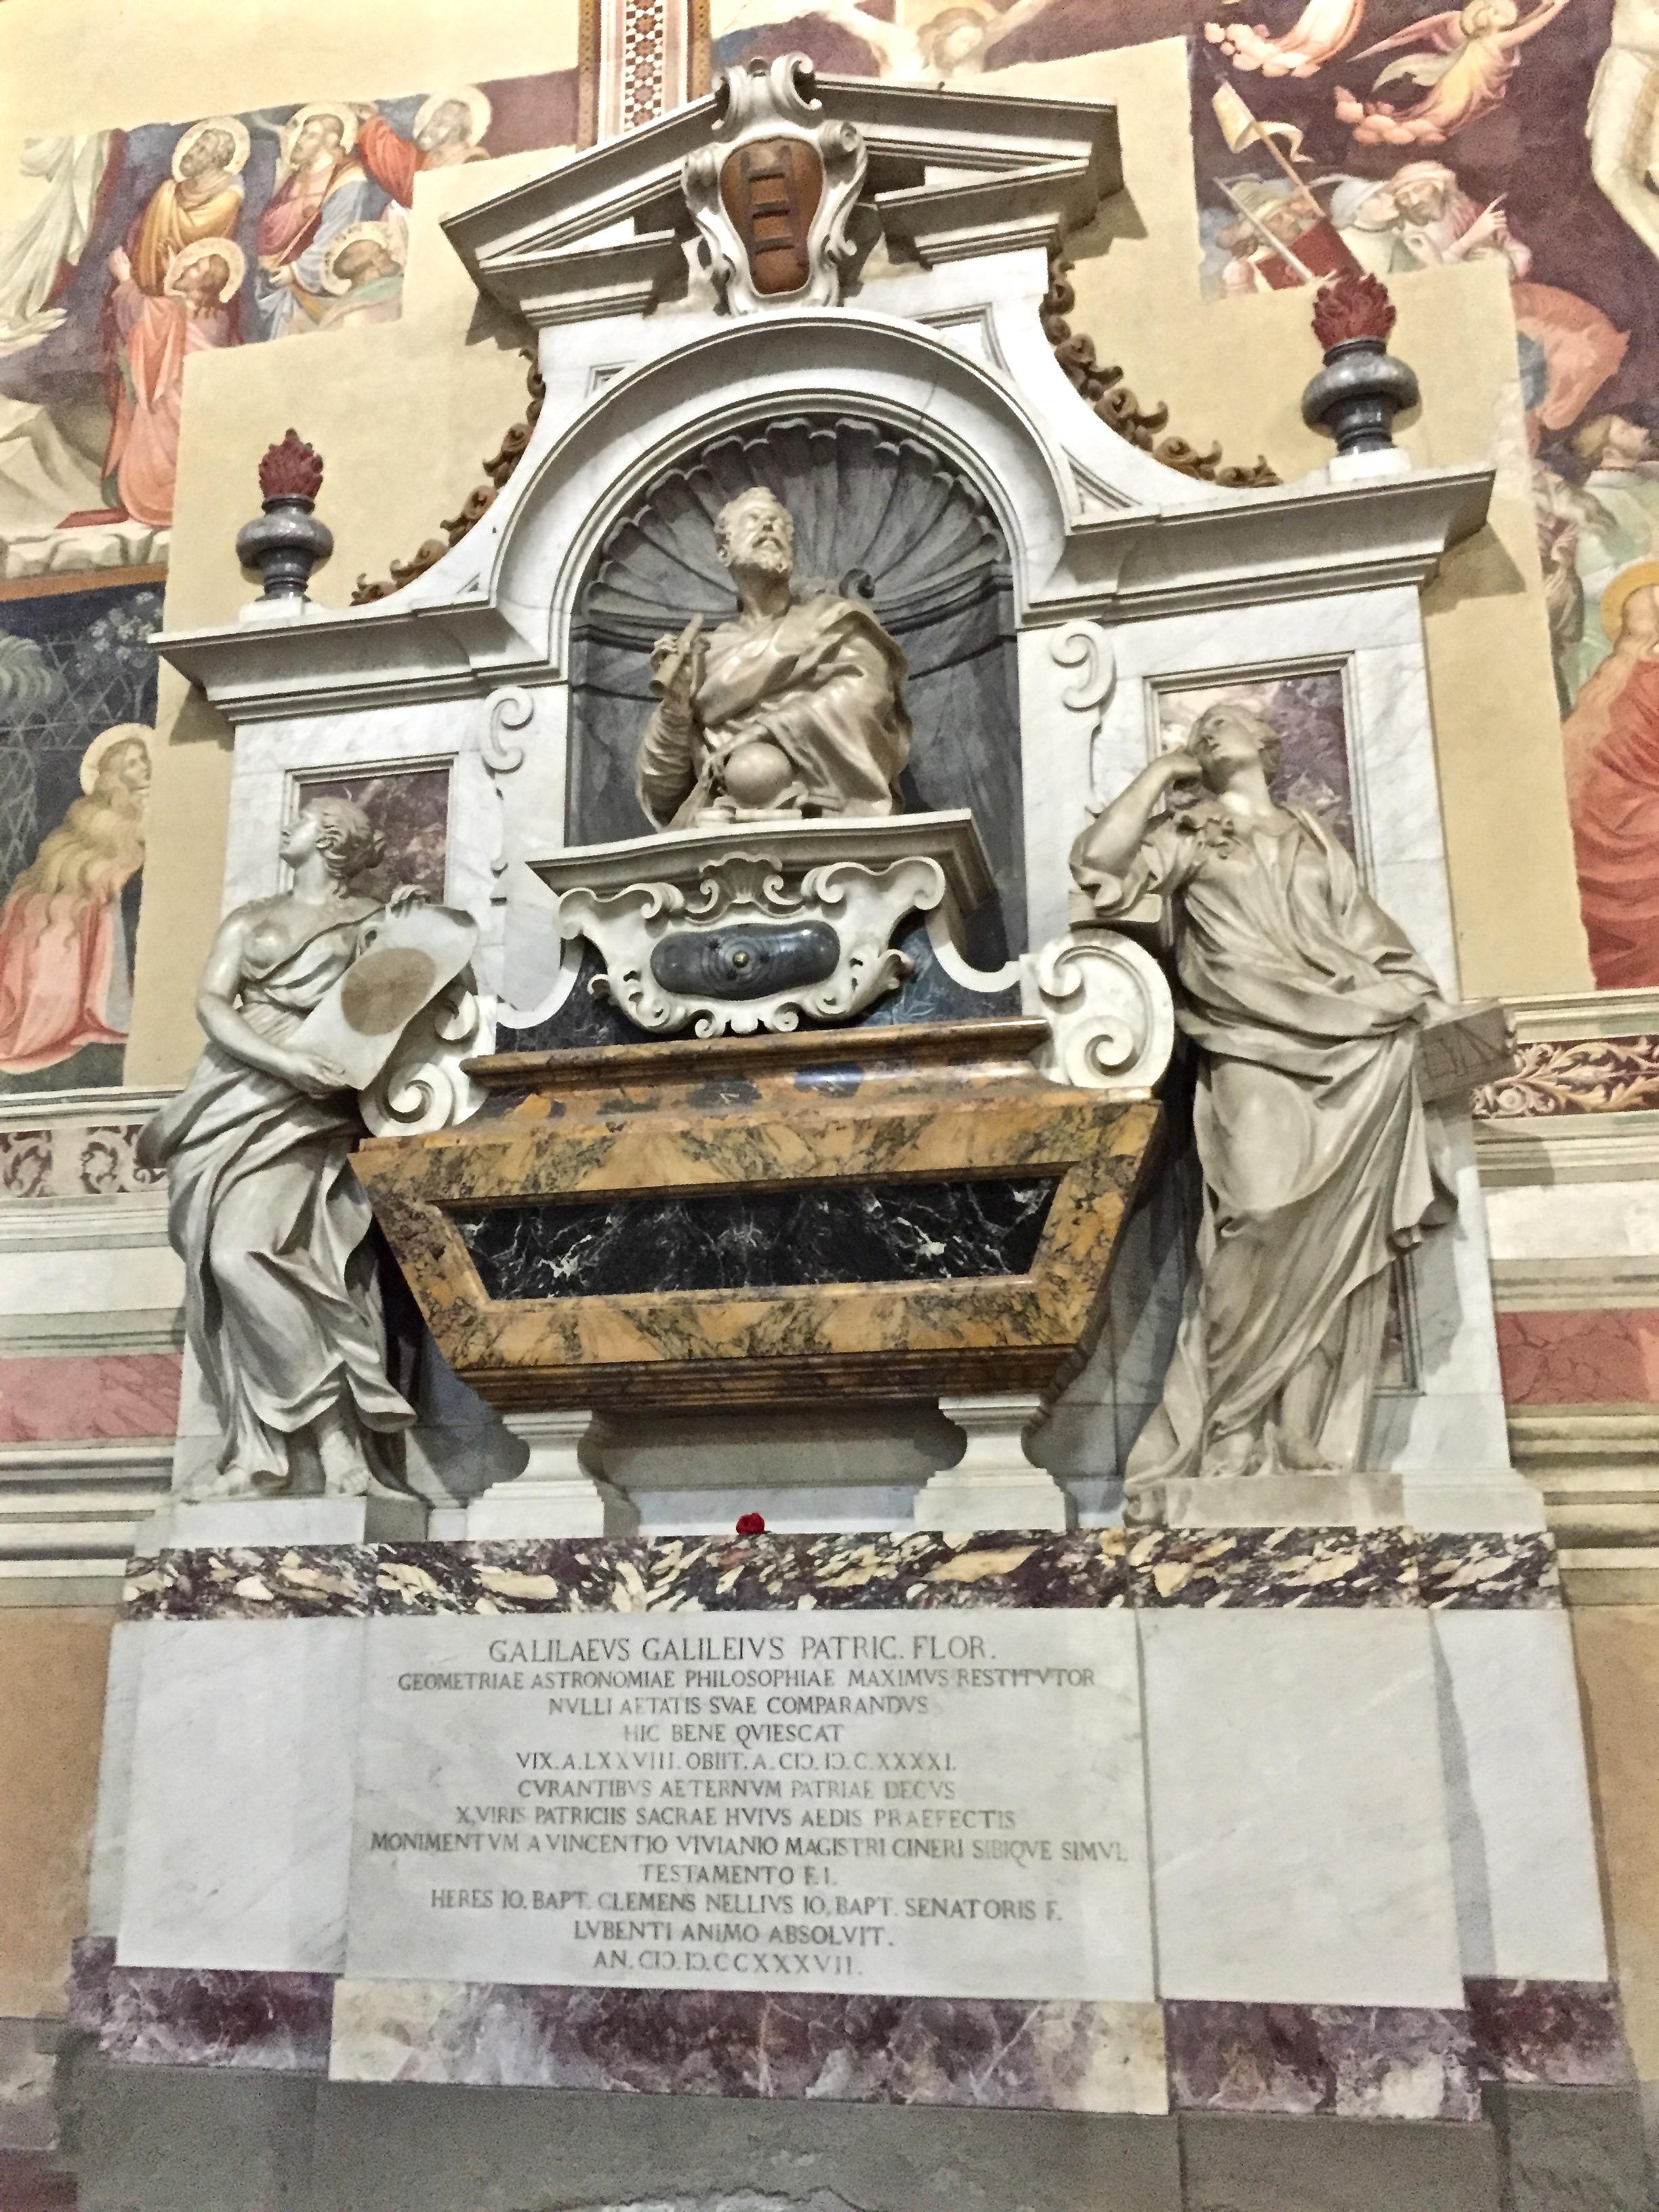 Galileo's grave